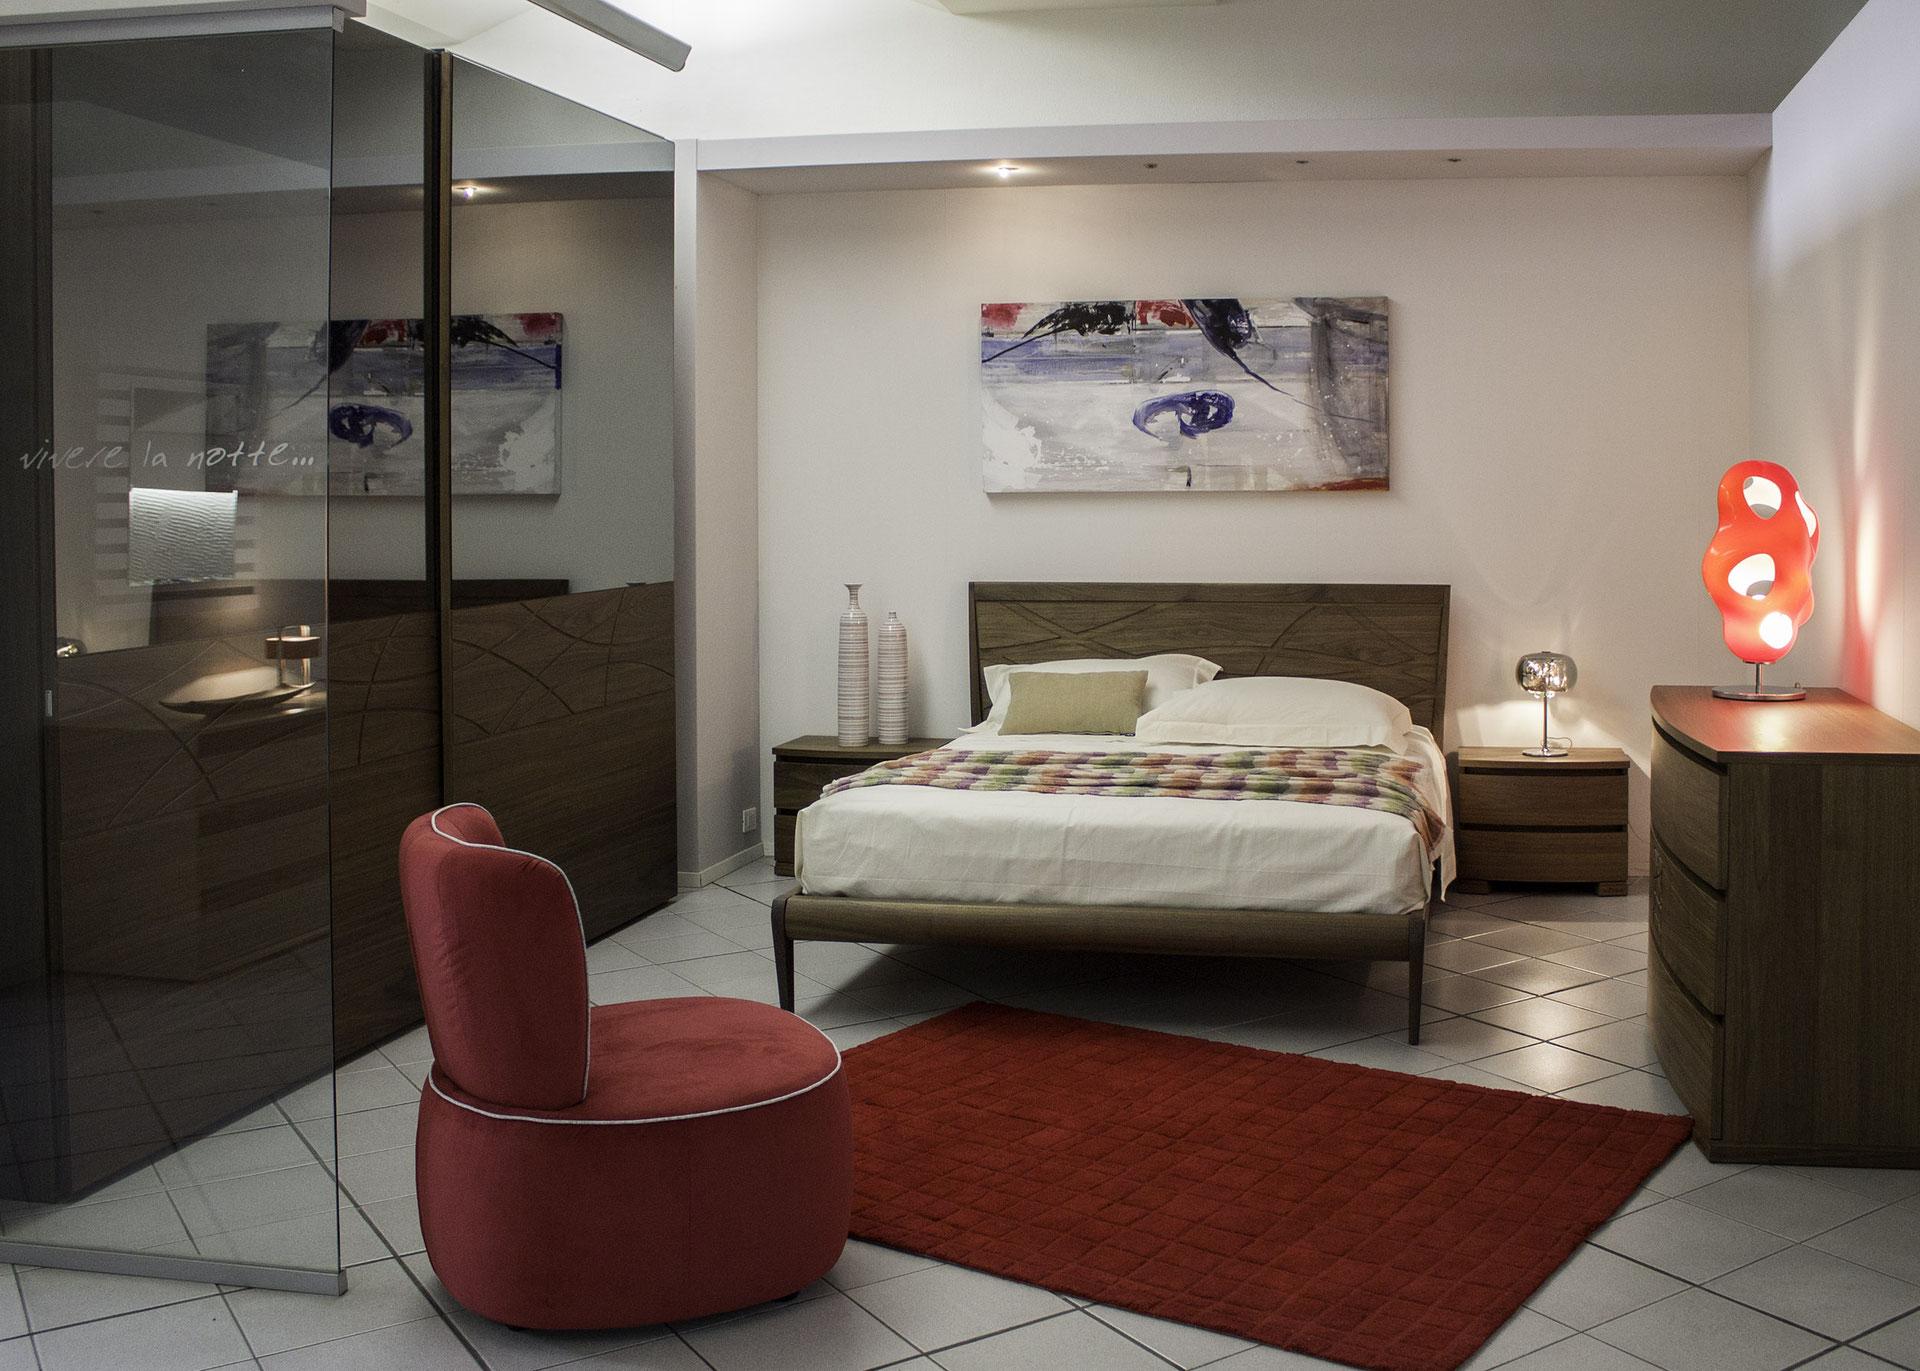 Camera Da Letto In Prospettiva Centrale diesel & scavolini - interior design